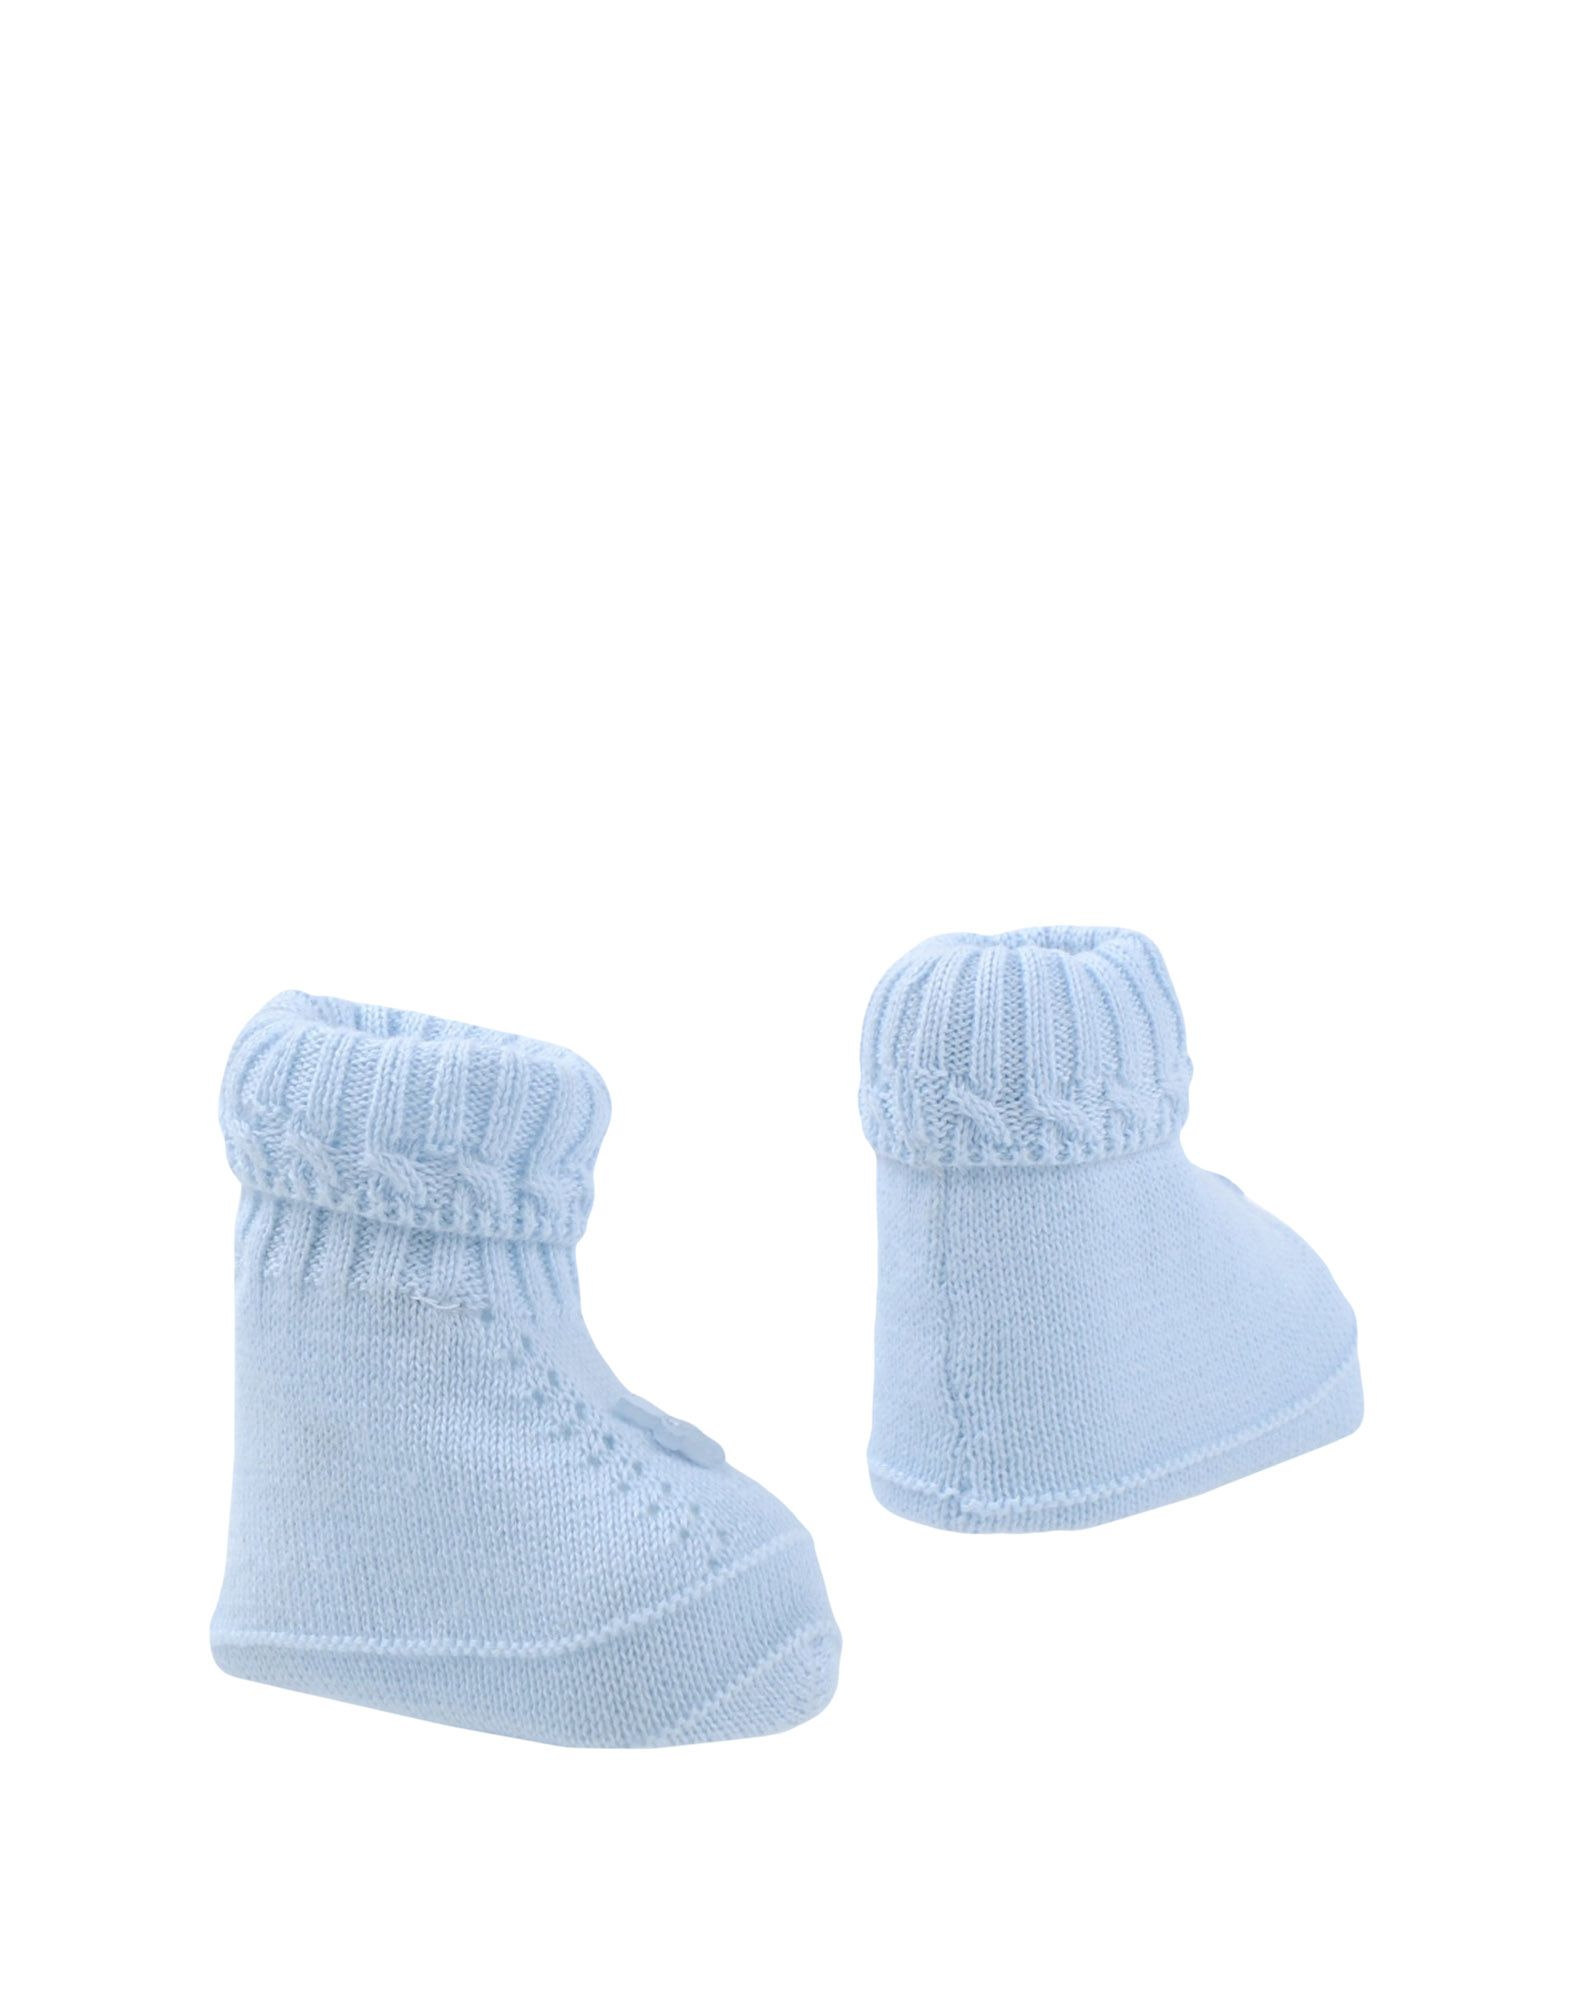 NANÁN Обувь для новорожденных обувь для детей